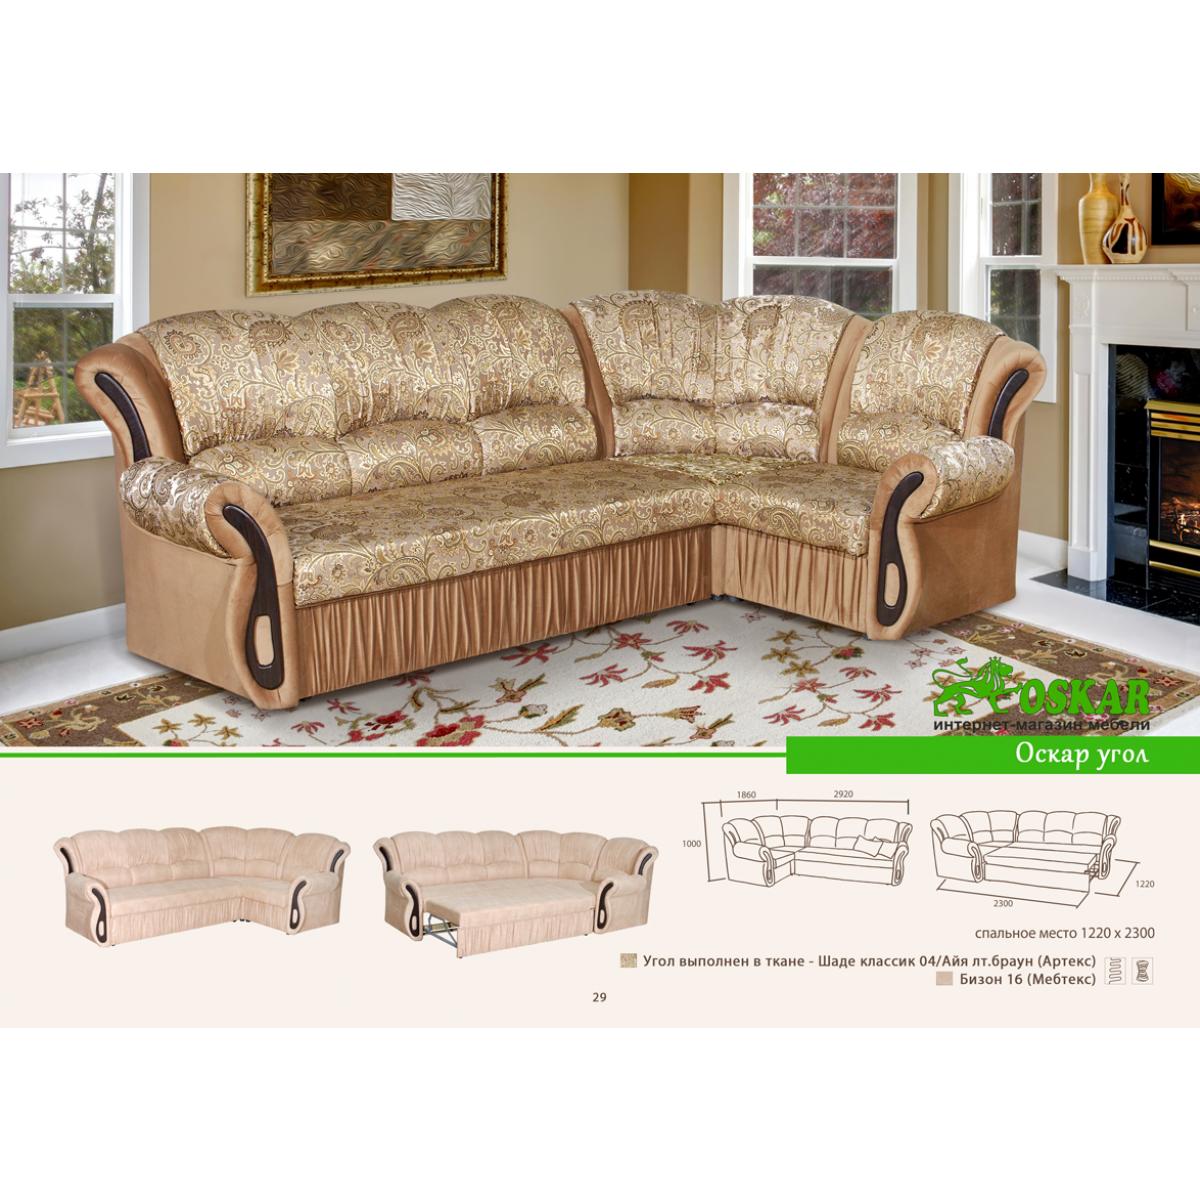 купить угловой диван оскар в полтаве магазин оскар